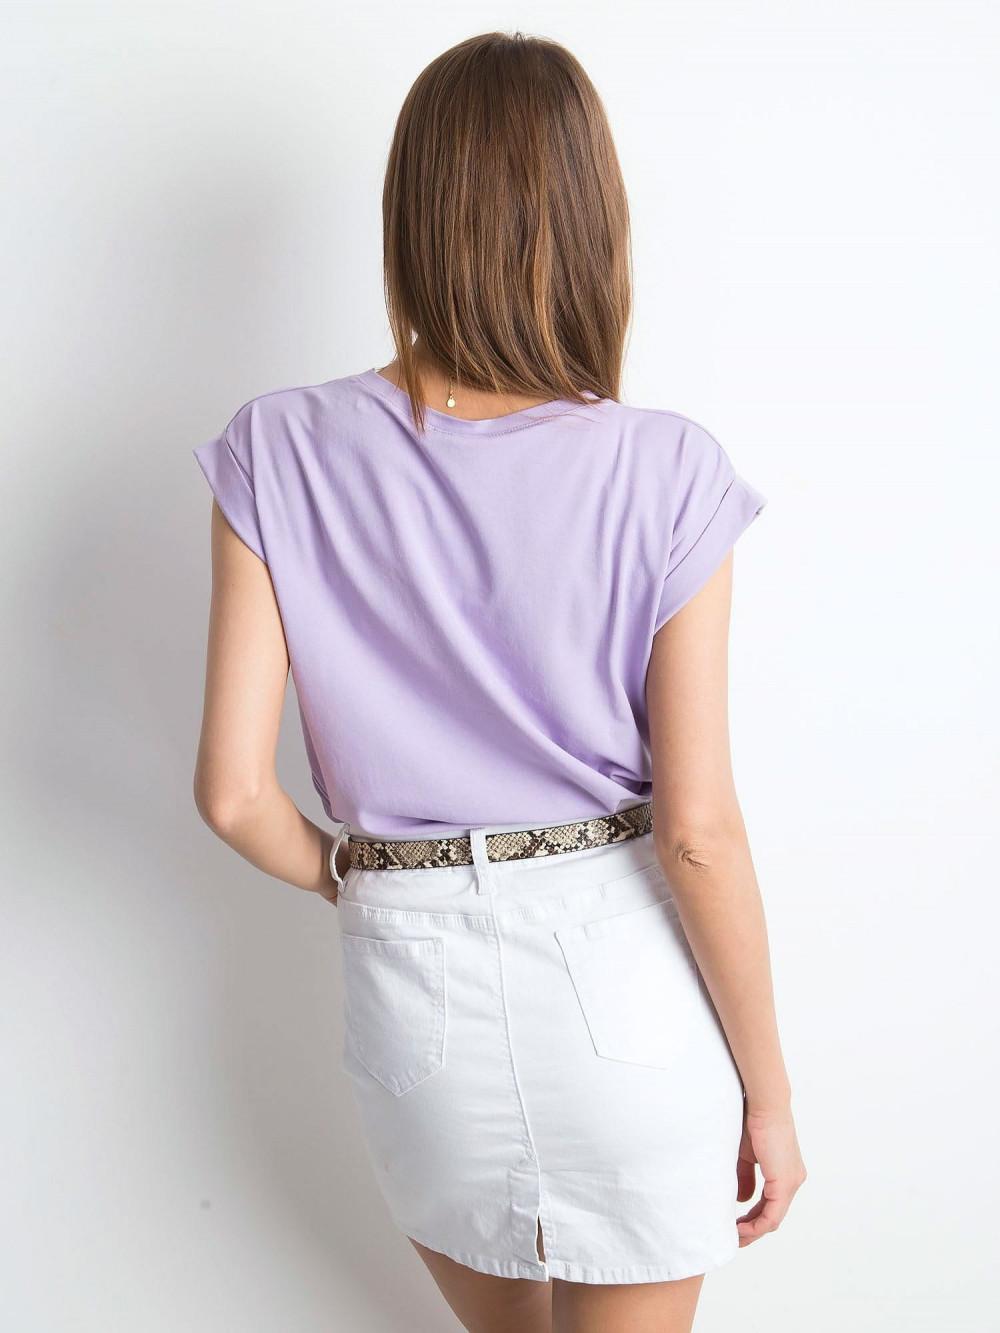 Fioletowy t-shirt z zawijanymi rękawkami Nami 4